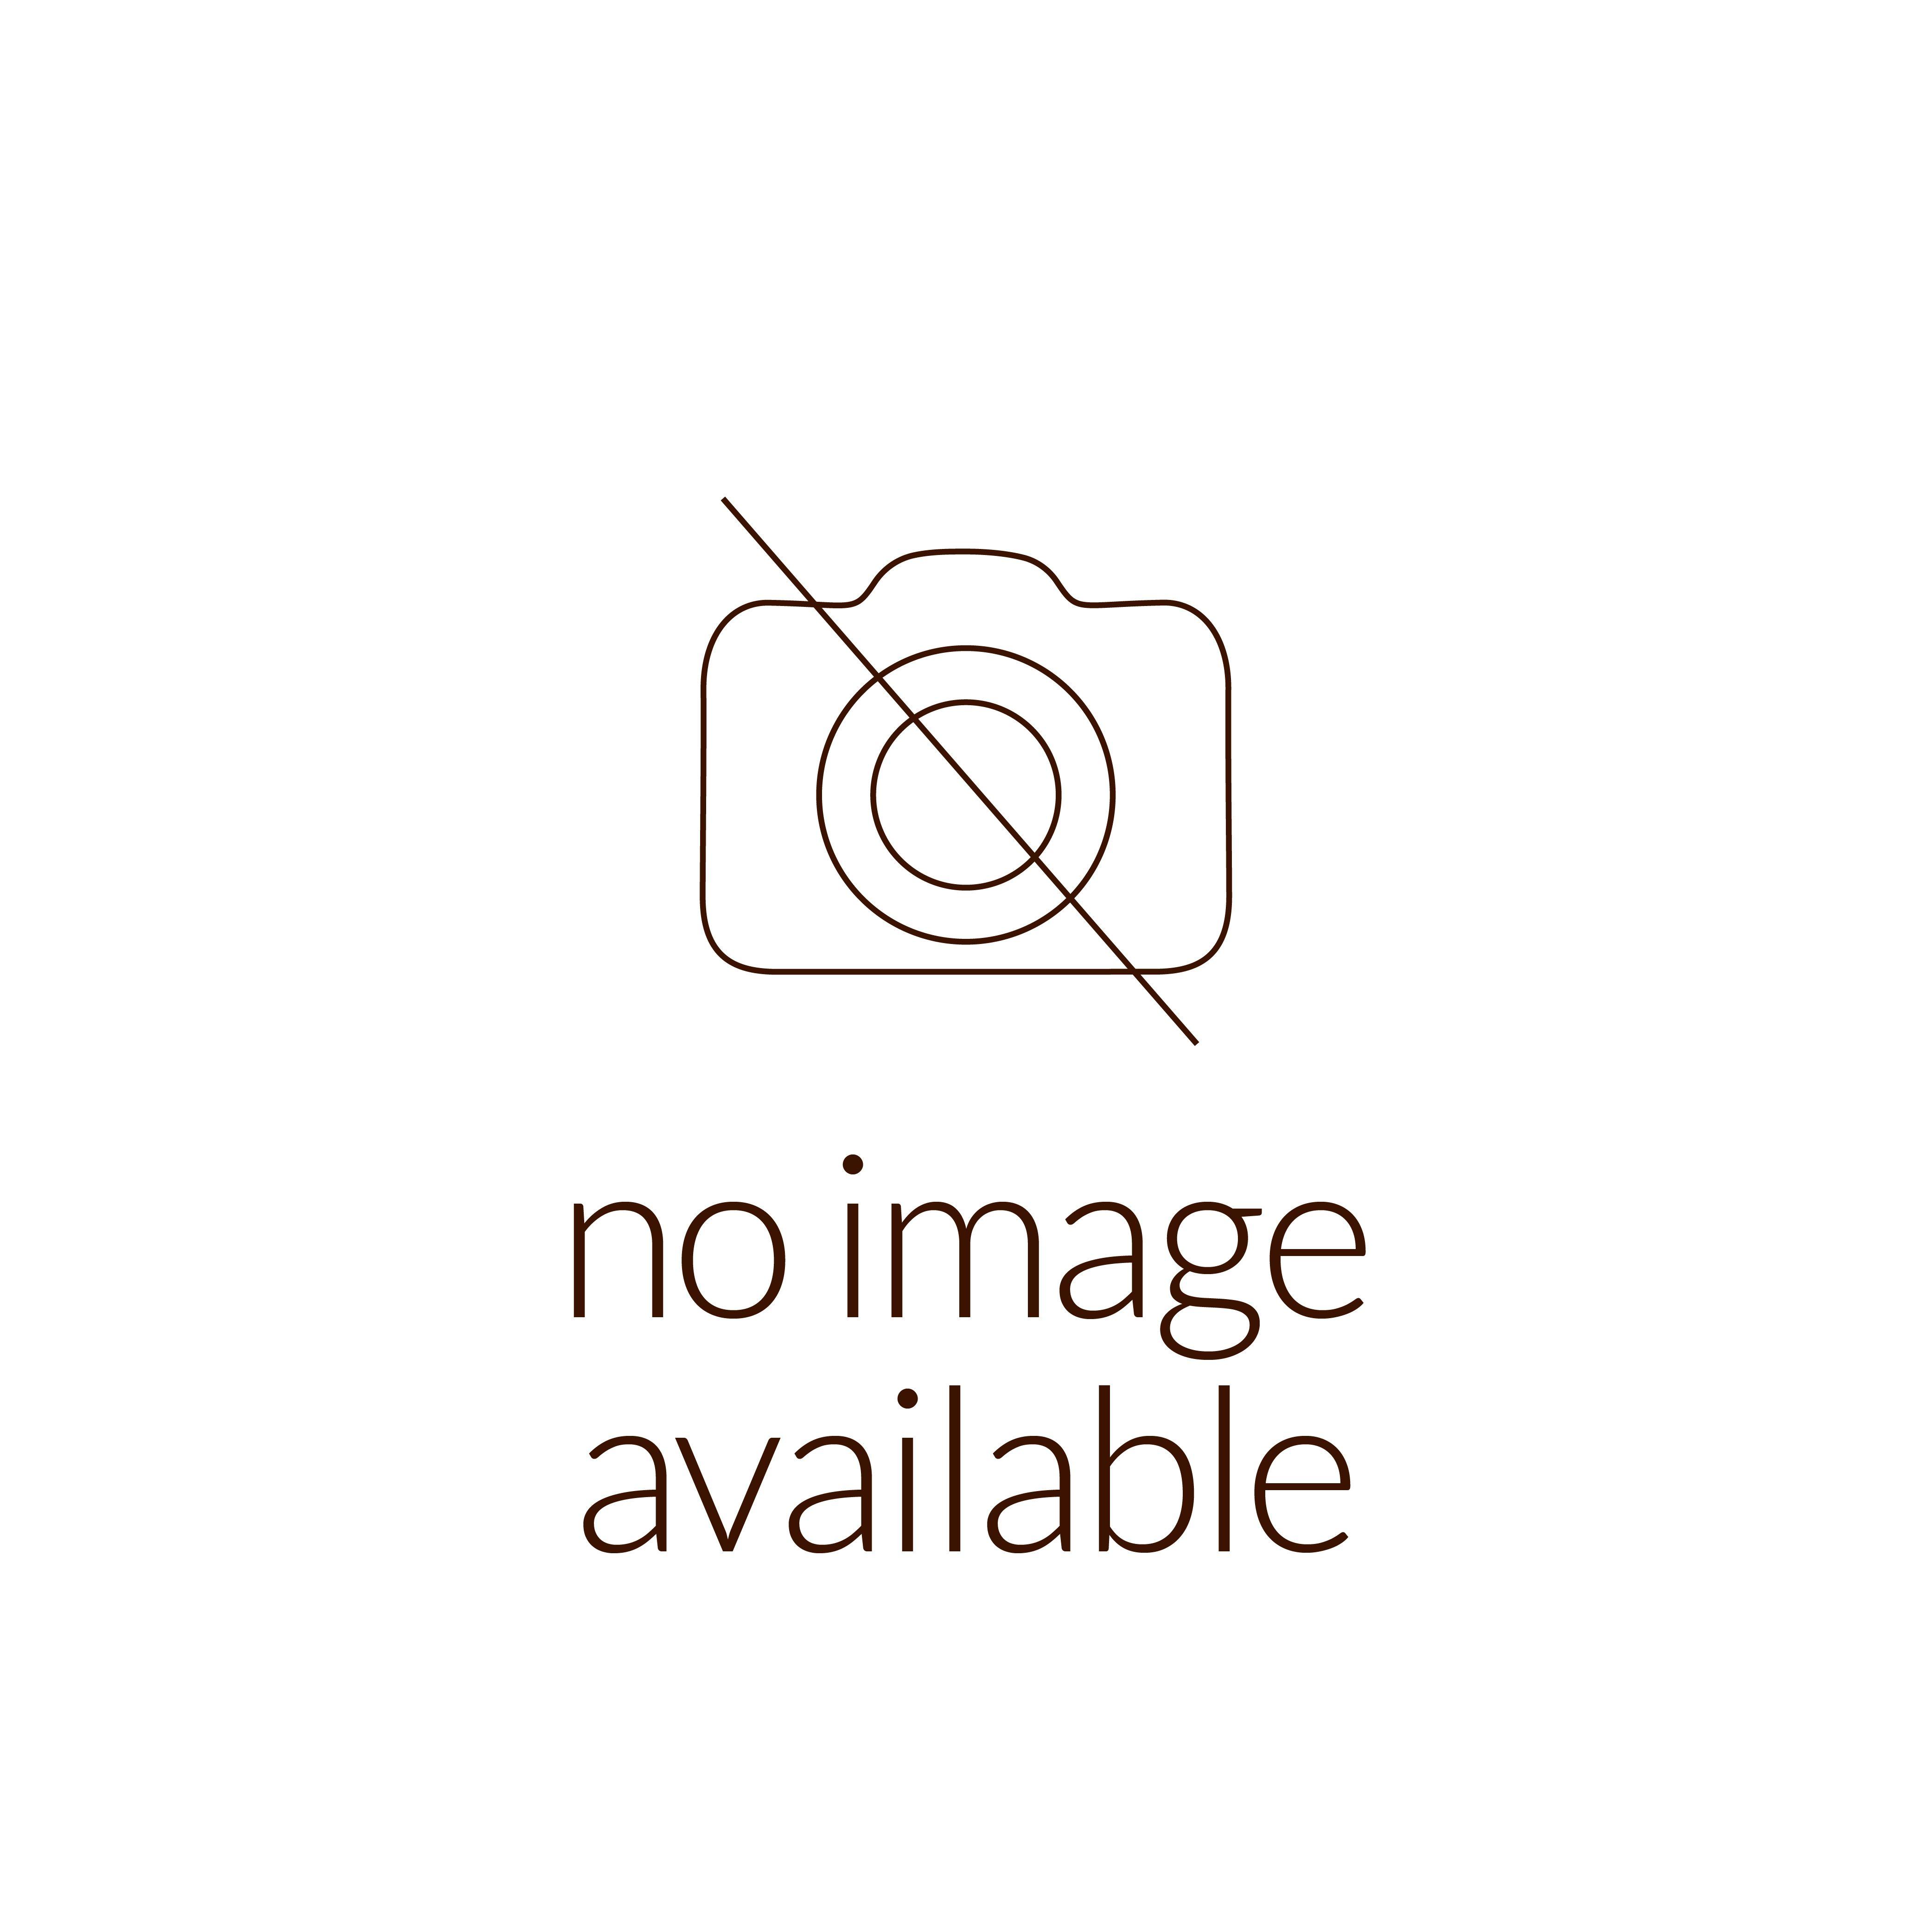 """מטבע זיכרון, העיר הלבנה תל אביב, כסף קשוט, 38.7 מ""""מ, 28.8 גרם - צד הנושא"""